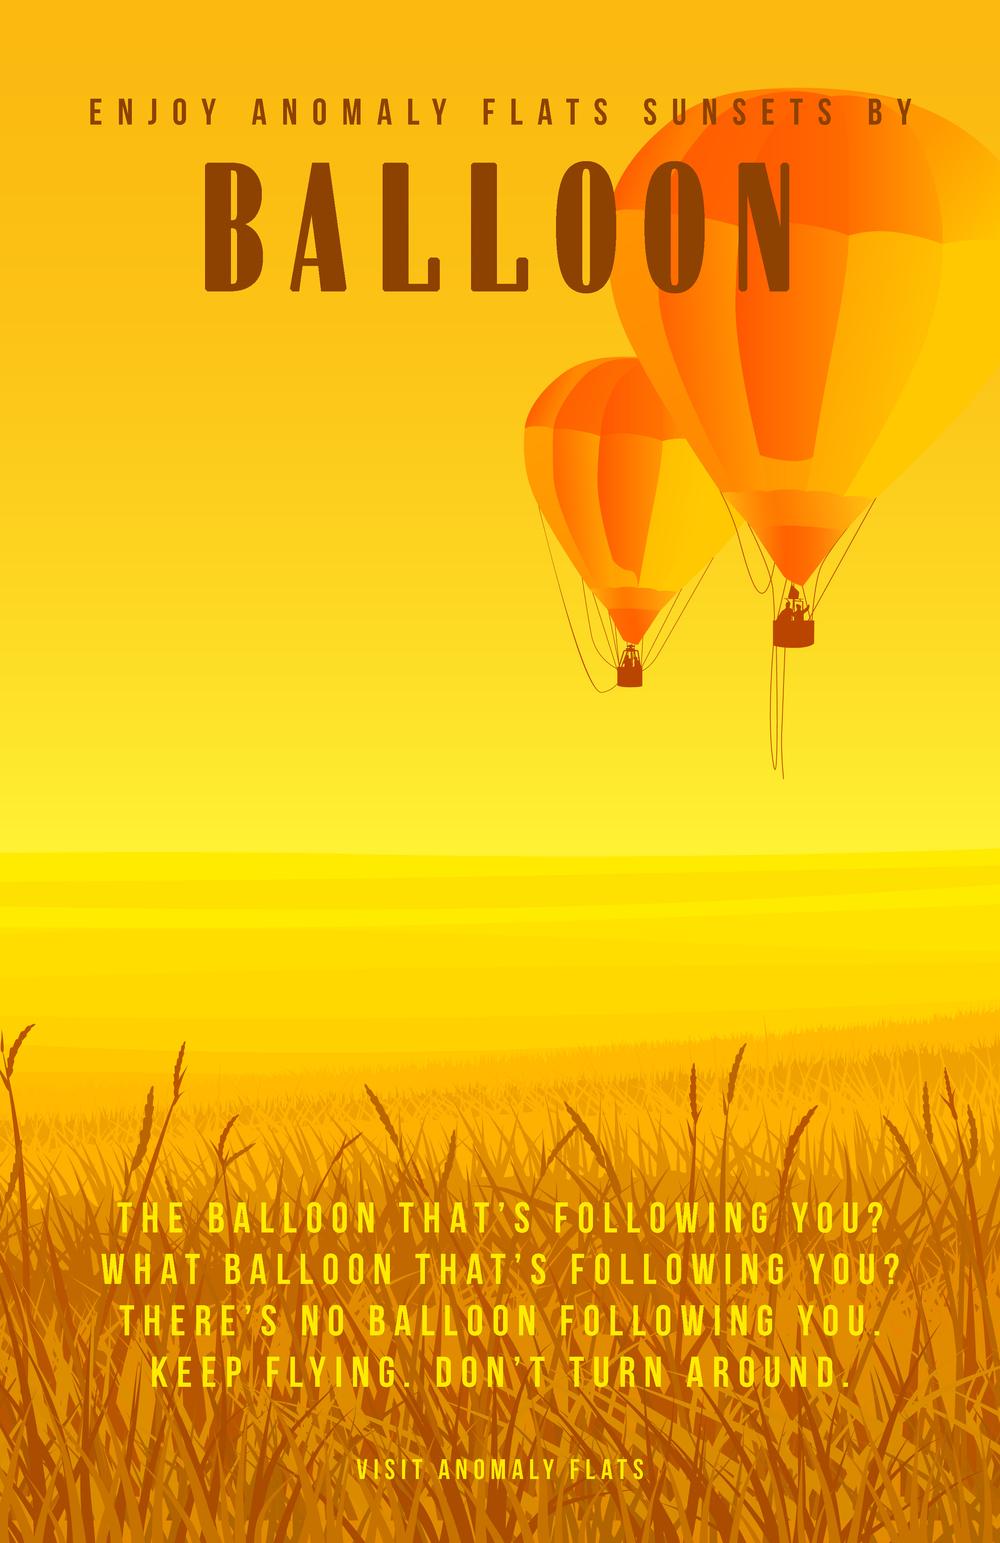 hot air balloon.jpg